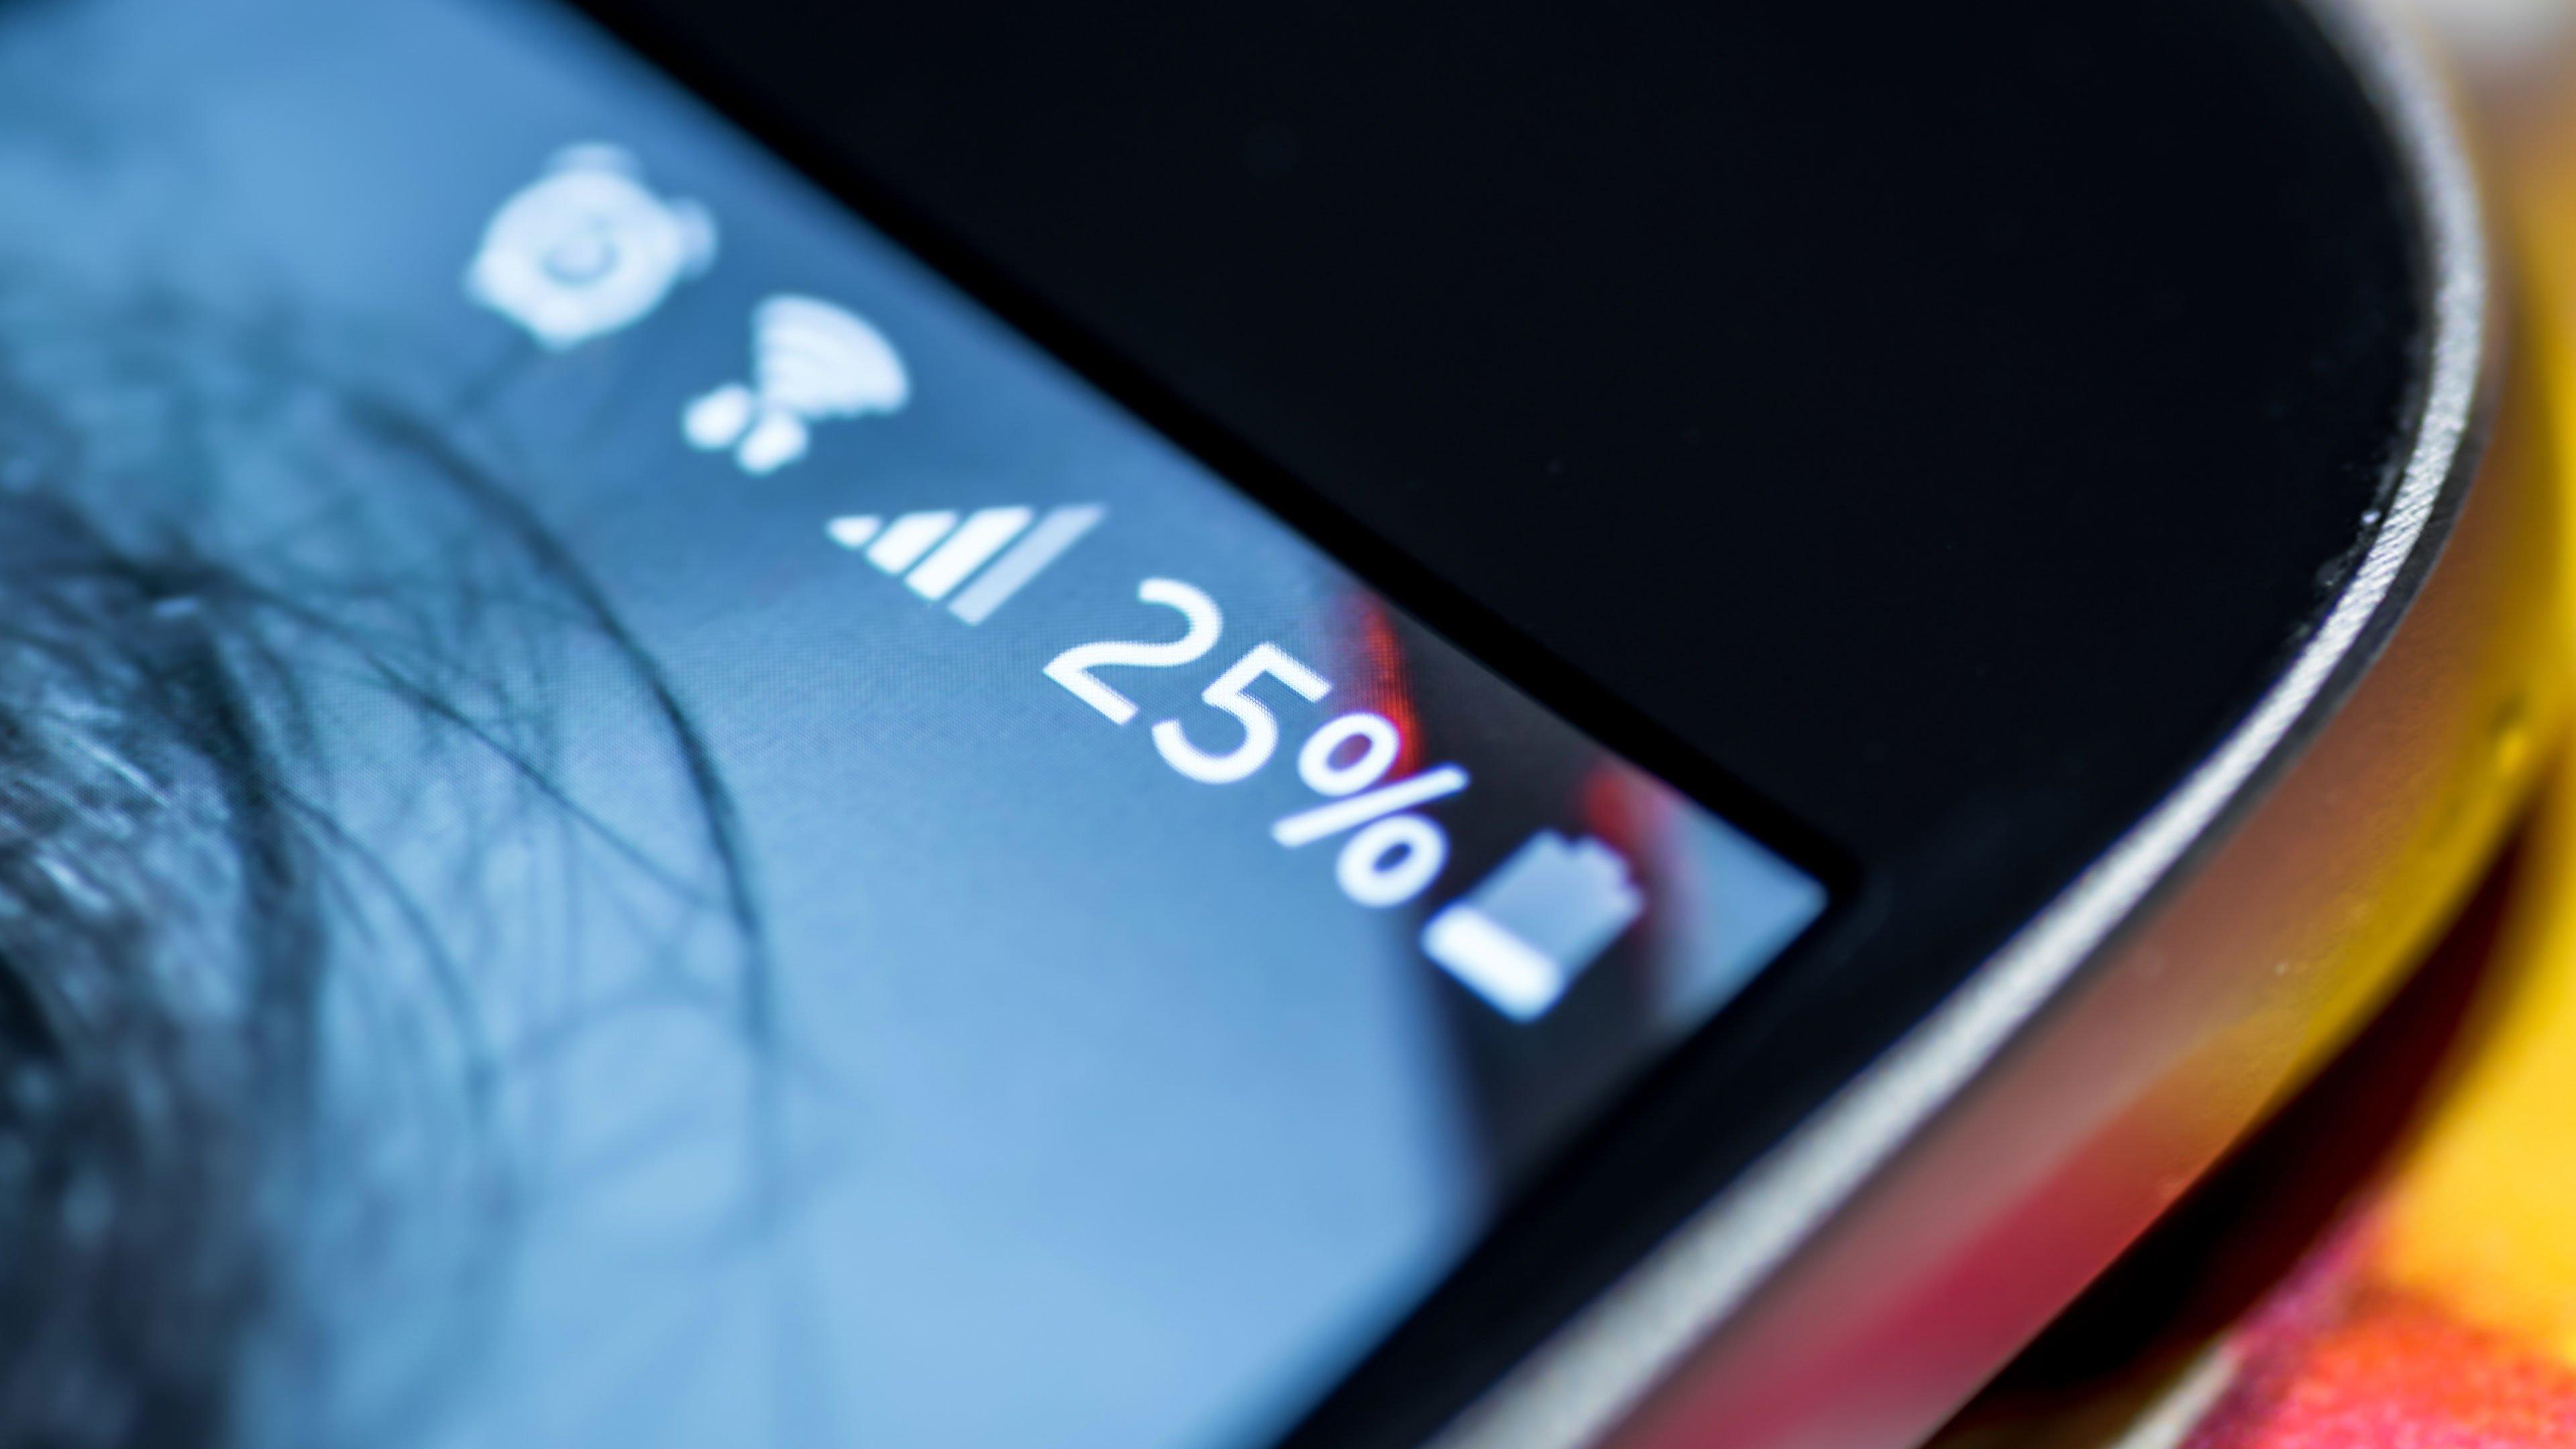 Что делать, когда телефон не заряжается? Смотрите 5 советов